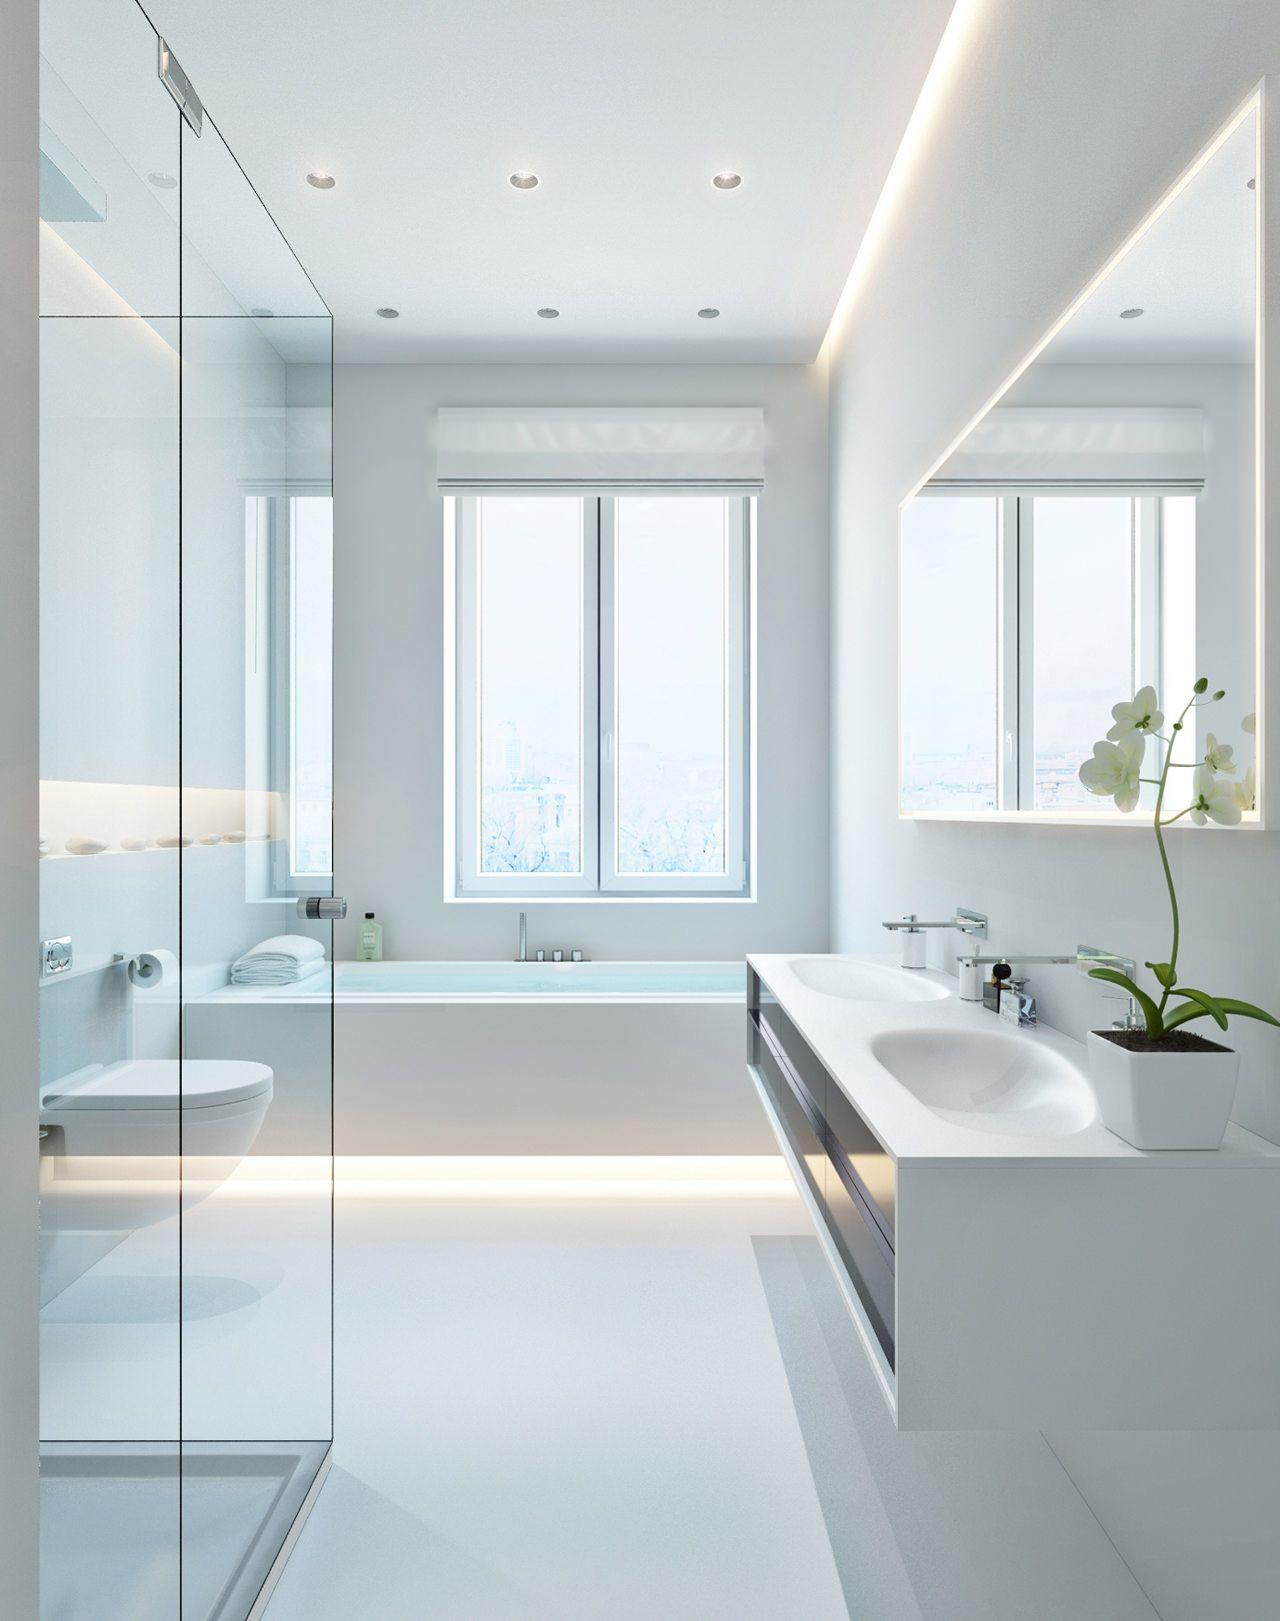 Einige Bekannte Modelle Von Badezimmer Deckenleuchten  Wohndesign